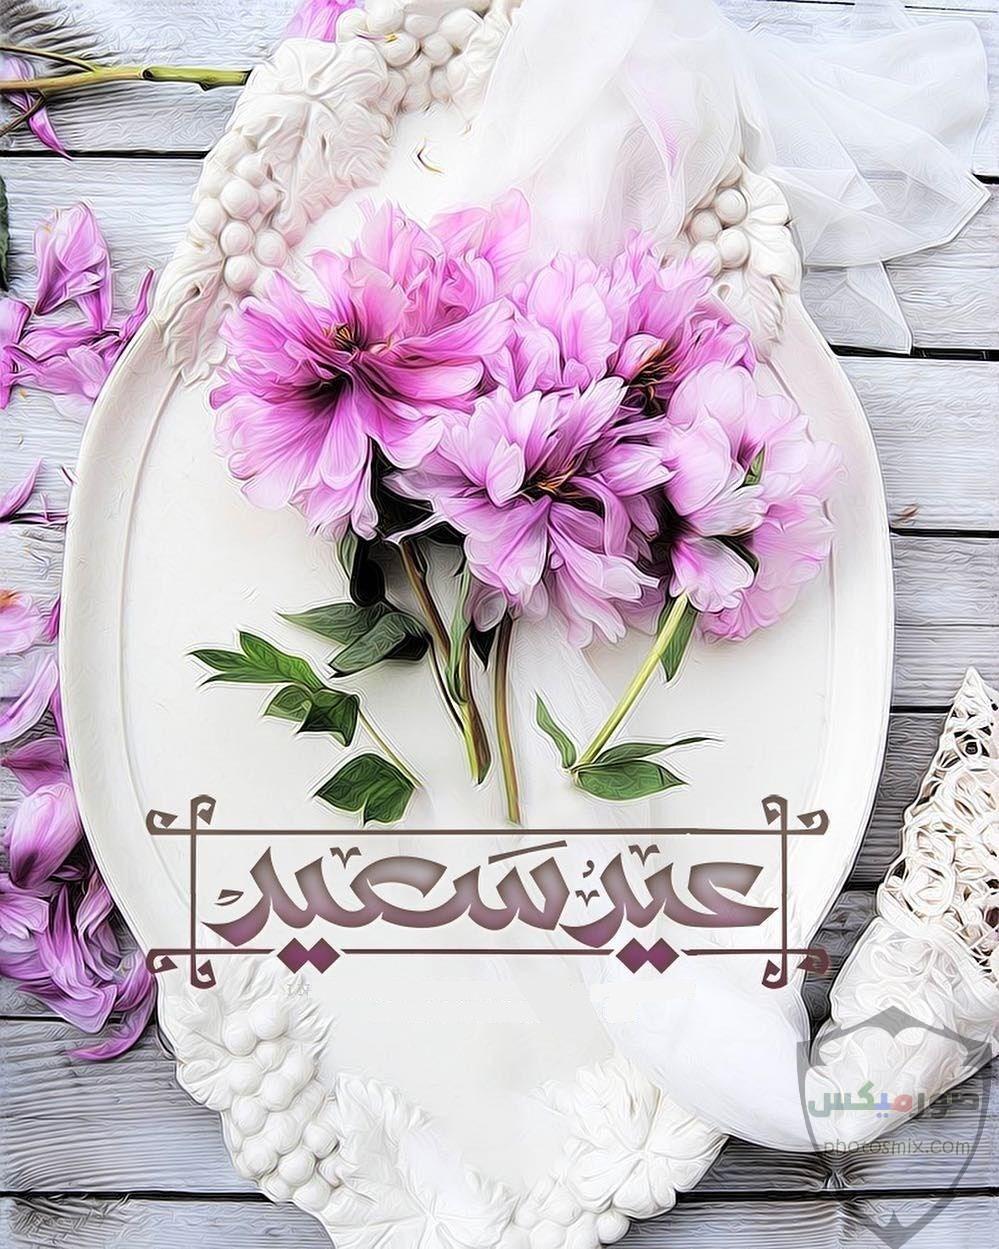 مظاهر الاحتفال بعيد الفطر 1 1